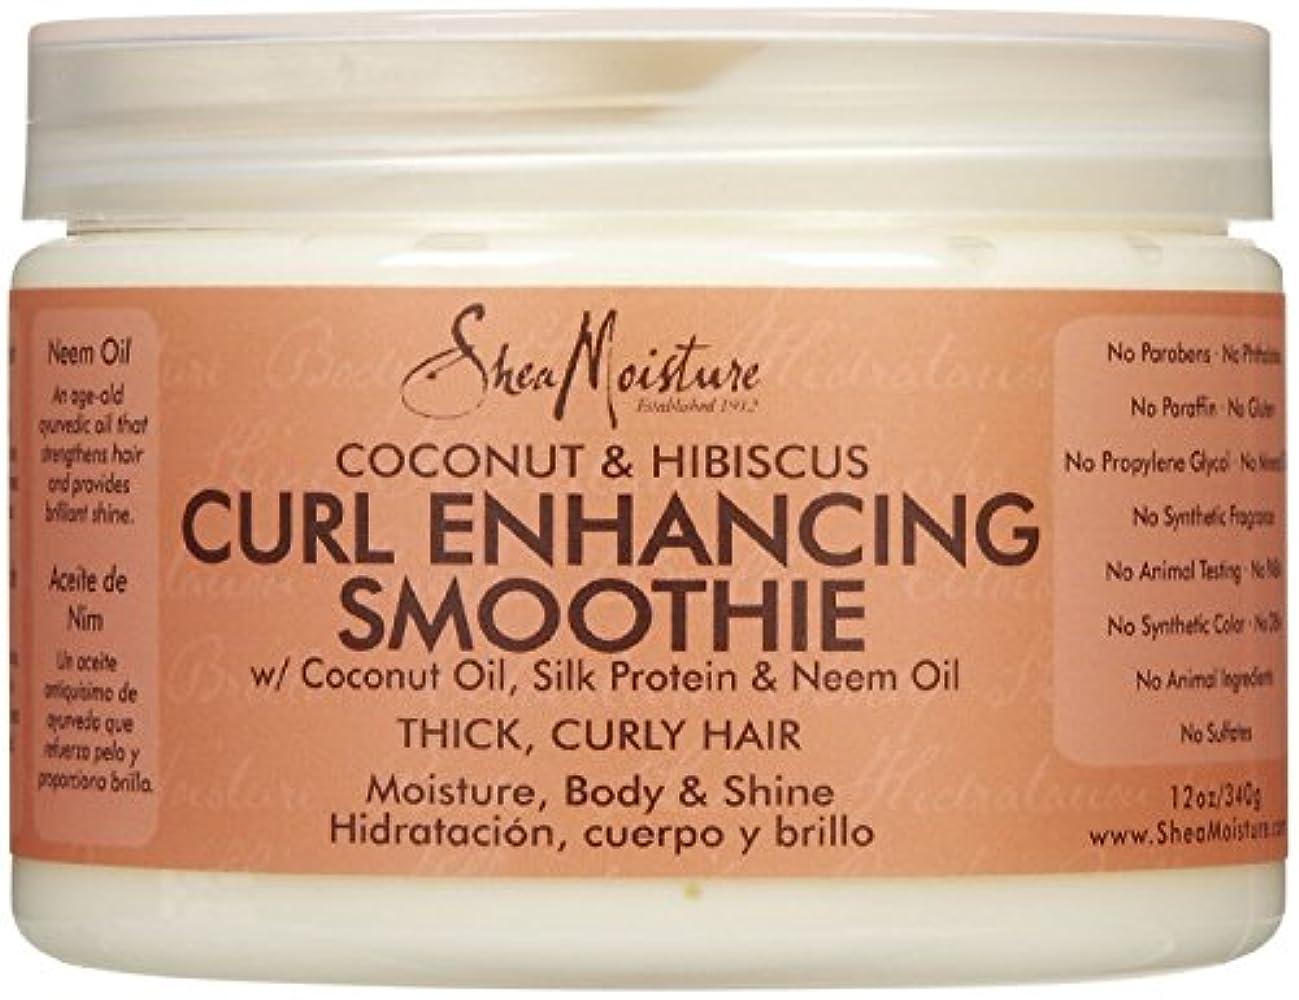 純度オペレーター深遠シーモイスチャー Shea Moisture Coconut Hibiscus Curl Enhancing Smoothie ヘアトリートメント